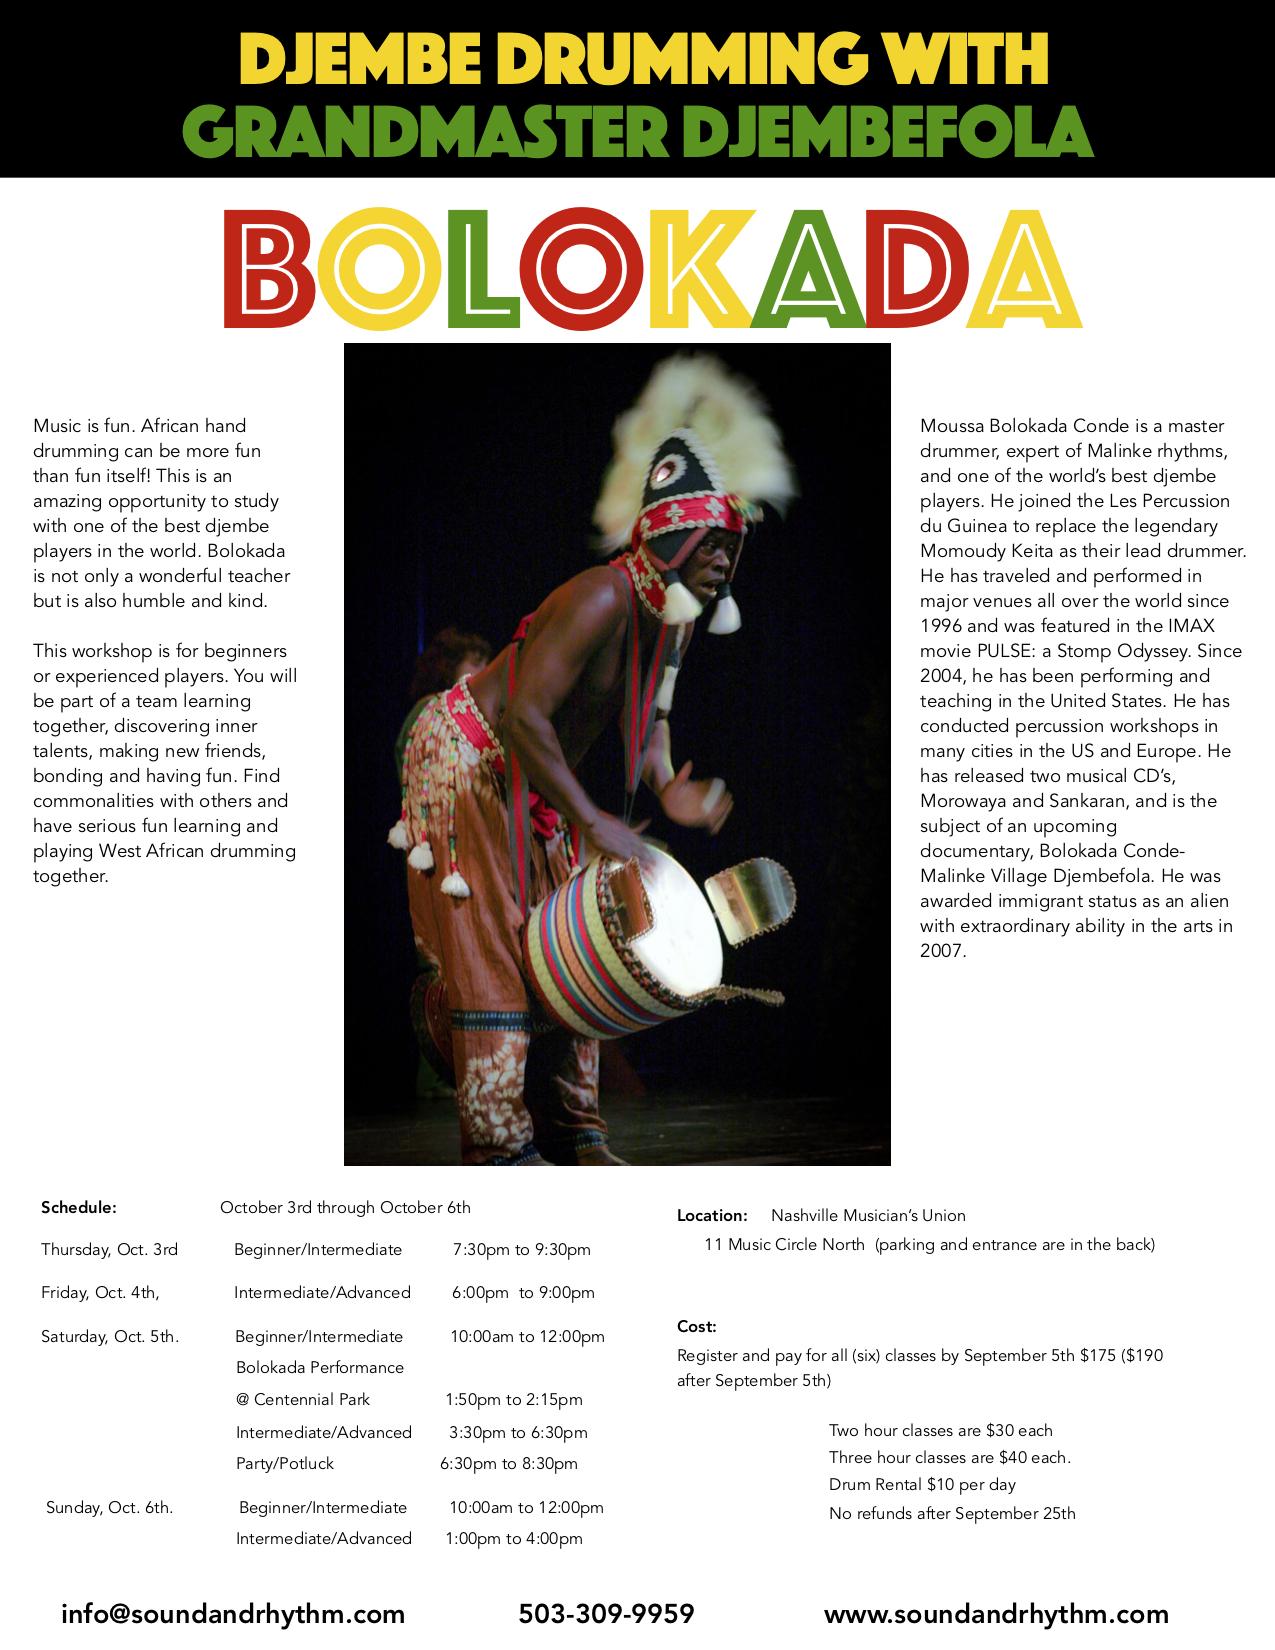 Bolokada flyer 2.jpg